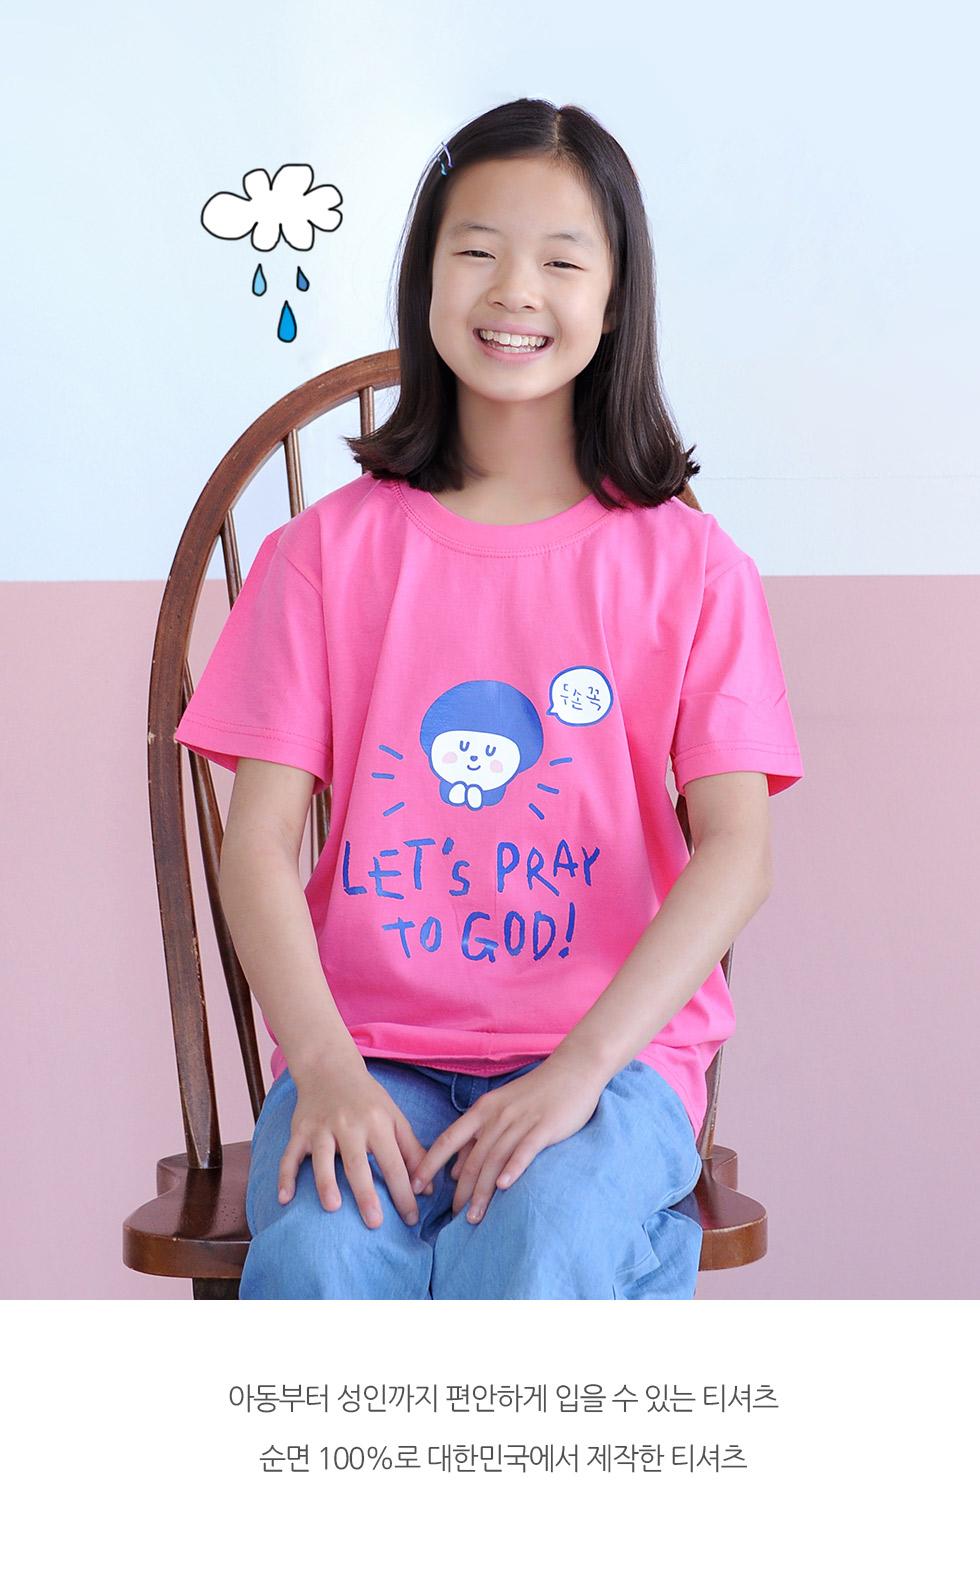 아이들이 편안하게 입는 티셔츠